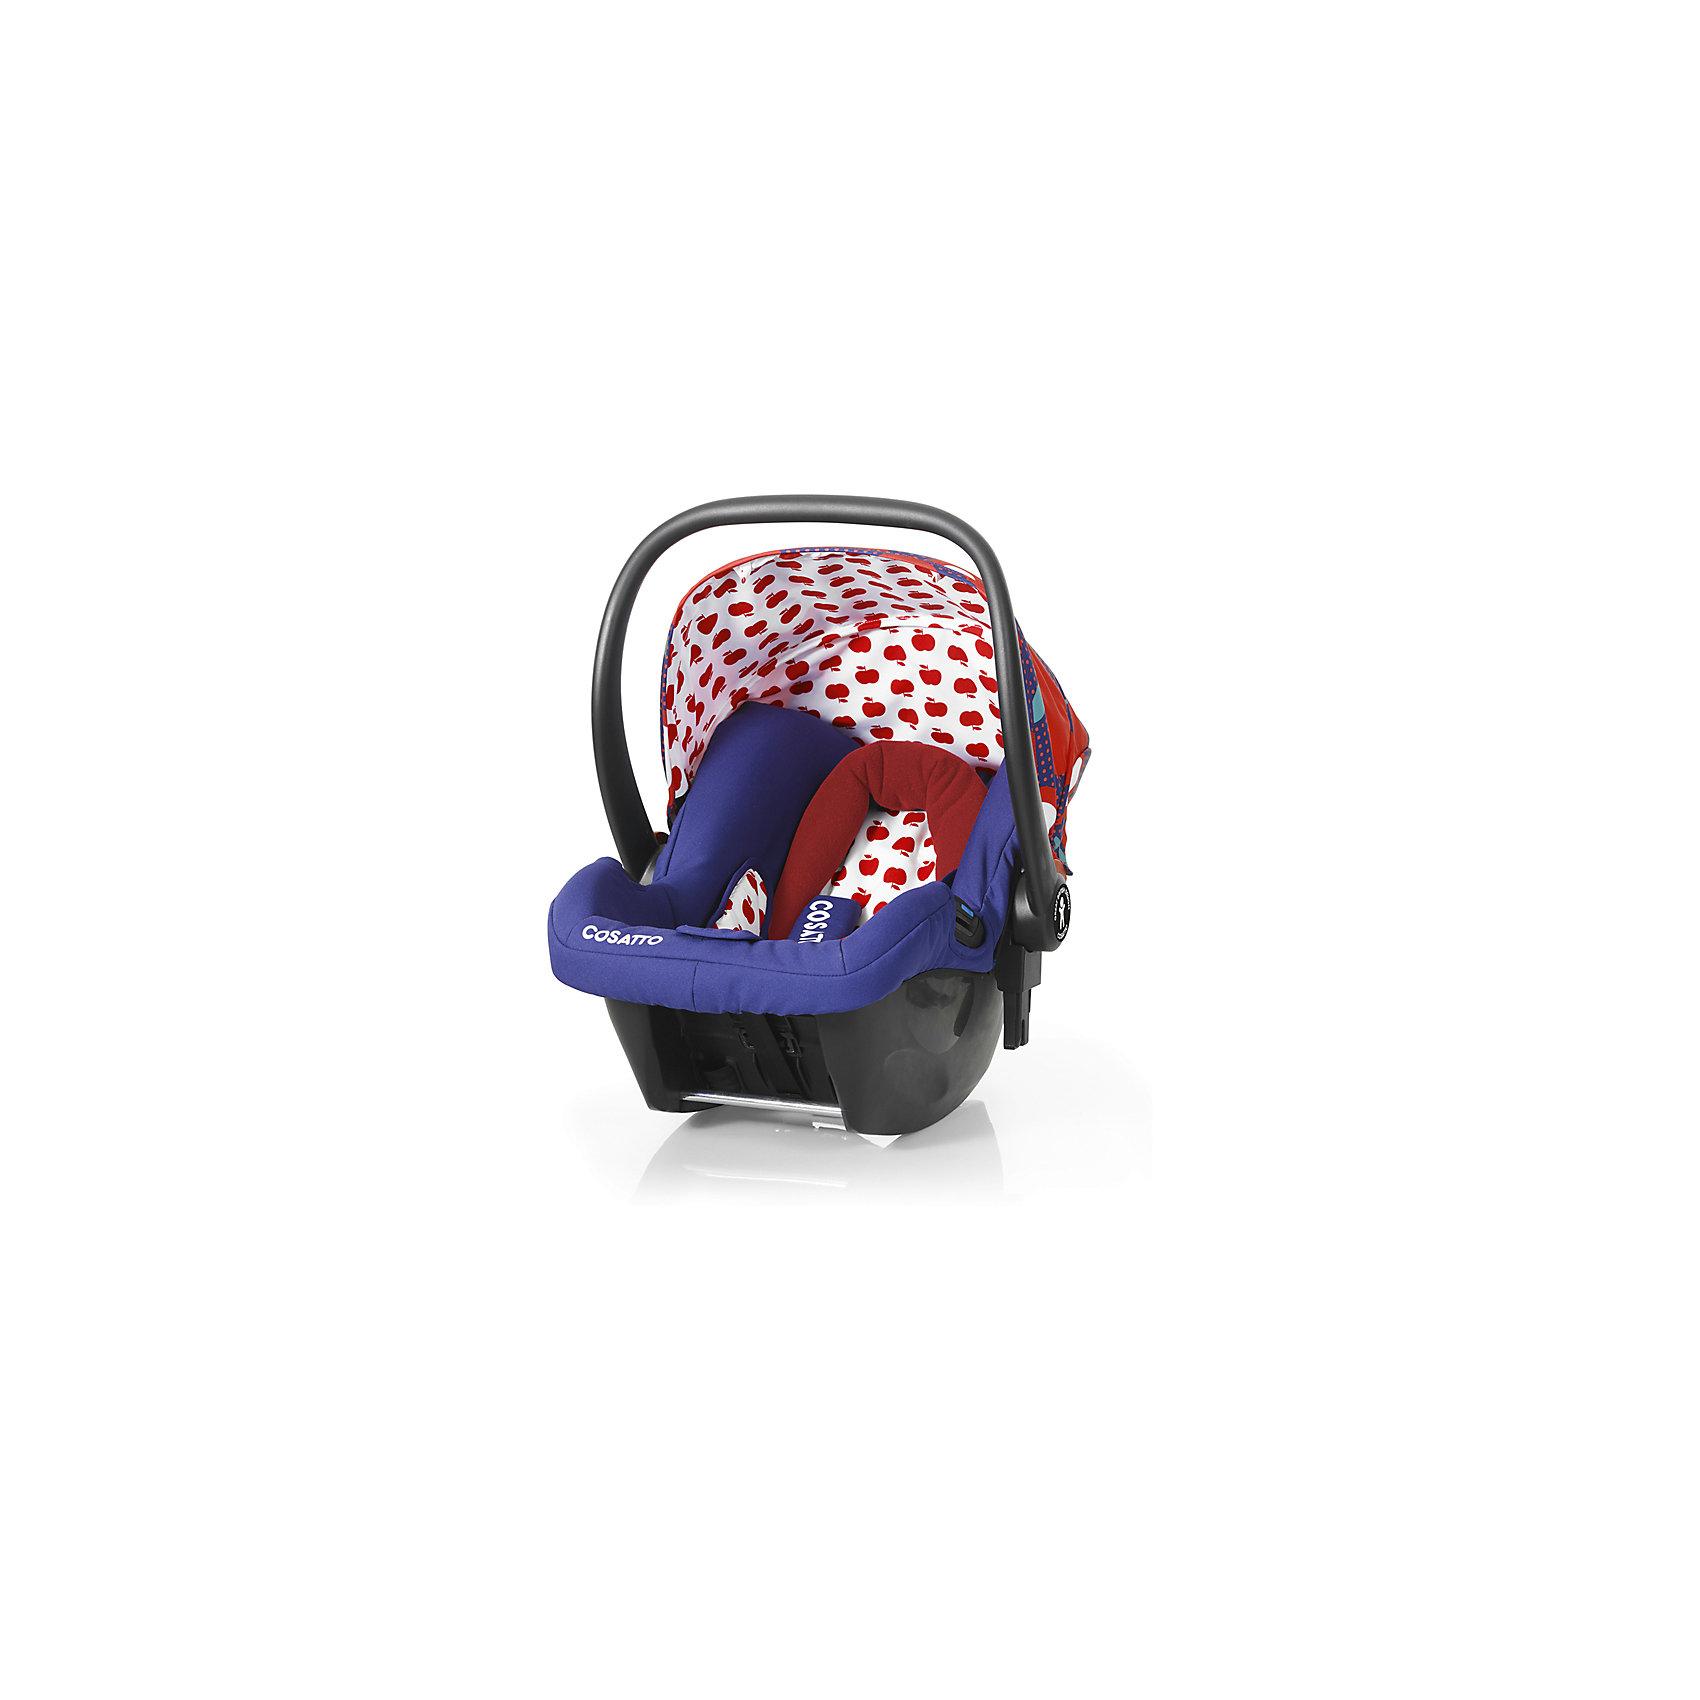 Автокресло 0-13 кг., HOLD, COSATTO, Apple SeedХарактеристики автокресла Hold Cosatto:<br><br>• группа 0+;<br>• вес ребенка: до 13 кг;<br>• возраст ребенка: от рождения до 12 месяцев;<br>• способ установки: против хода движения автомобиля;<br>• способ крепления: штатными ремнями безопасности автомобиля;<br>• есть возможность установить автокресло на базу с системой крепления Isofix - база приобретается отдельно;<br>• 5-ти точечные ремни безопасности с мягкими накладками;<br>• регулируемый защитный капор;<br>• анатомический вкладыш для новорожденного;<br>• в комплекте с автокреслом идет дождевик;<br>• пластиковая ручка, автолюлька используется как переноска, положение ручки меняется;<br>• автокресло можно использовать как кресло-качалку;<br>• чтобы зафиксировать кресло, необходимо изменить положение ручки и создать упор в пол;<br>• съемные чехлы, стирка при температуре 30 градусов;<br>• материал: пластик, полиэстер;<br>• стандарт безопасности: ЕСЕ R44/03.<br><br>Размер автокресла, ДхШхВ: 70х44х60 см<br>Вес автокресла: 4,2 кг<br><br>Автокресло Hold Cosatto устанавливается как против хода движения автомобиля на заднем сиденье. Глубокая чаша просторная, малышу удобно находится в кресле даже в теплом комбинезоне. Анатомический вкладыш с подголовником снимается. Автокресло соответствует европейским стандартам безопасности. Авктокресло можно установить на раму коляски Cosatto. Адаптеры для установки автокресла на шасси коляски входят в комплект.<br><br>Автокресло 0-13 кг., HOLD, COSATTO, Apple Seed можно купить в нашем интернет-магазине.<br><br>Ширина мм: 740<br>Глубина мм: 440<br>Высота мм: 380<br>Вес г: 6000<br>Возраст от месяцев: 0<br>Возраст до месяцев: 12<br>Пол: Унисекс<br>Возраст: Детский<br>SKU: 5362943